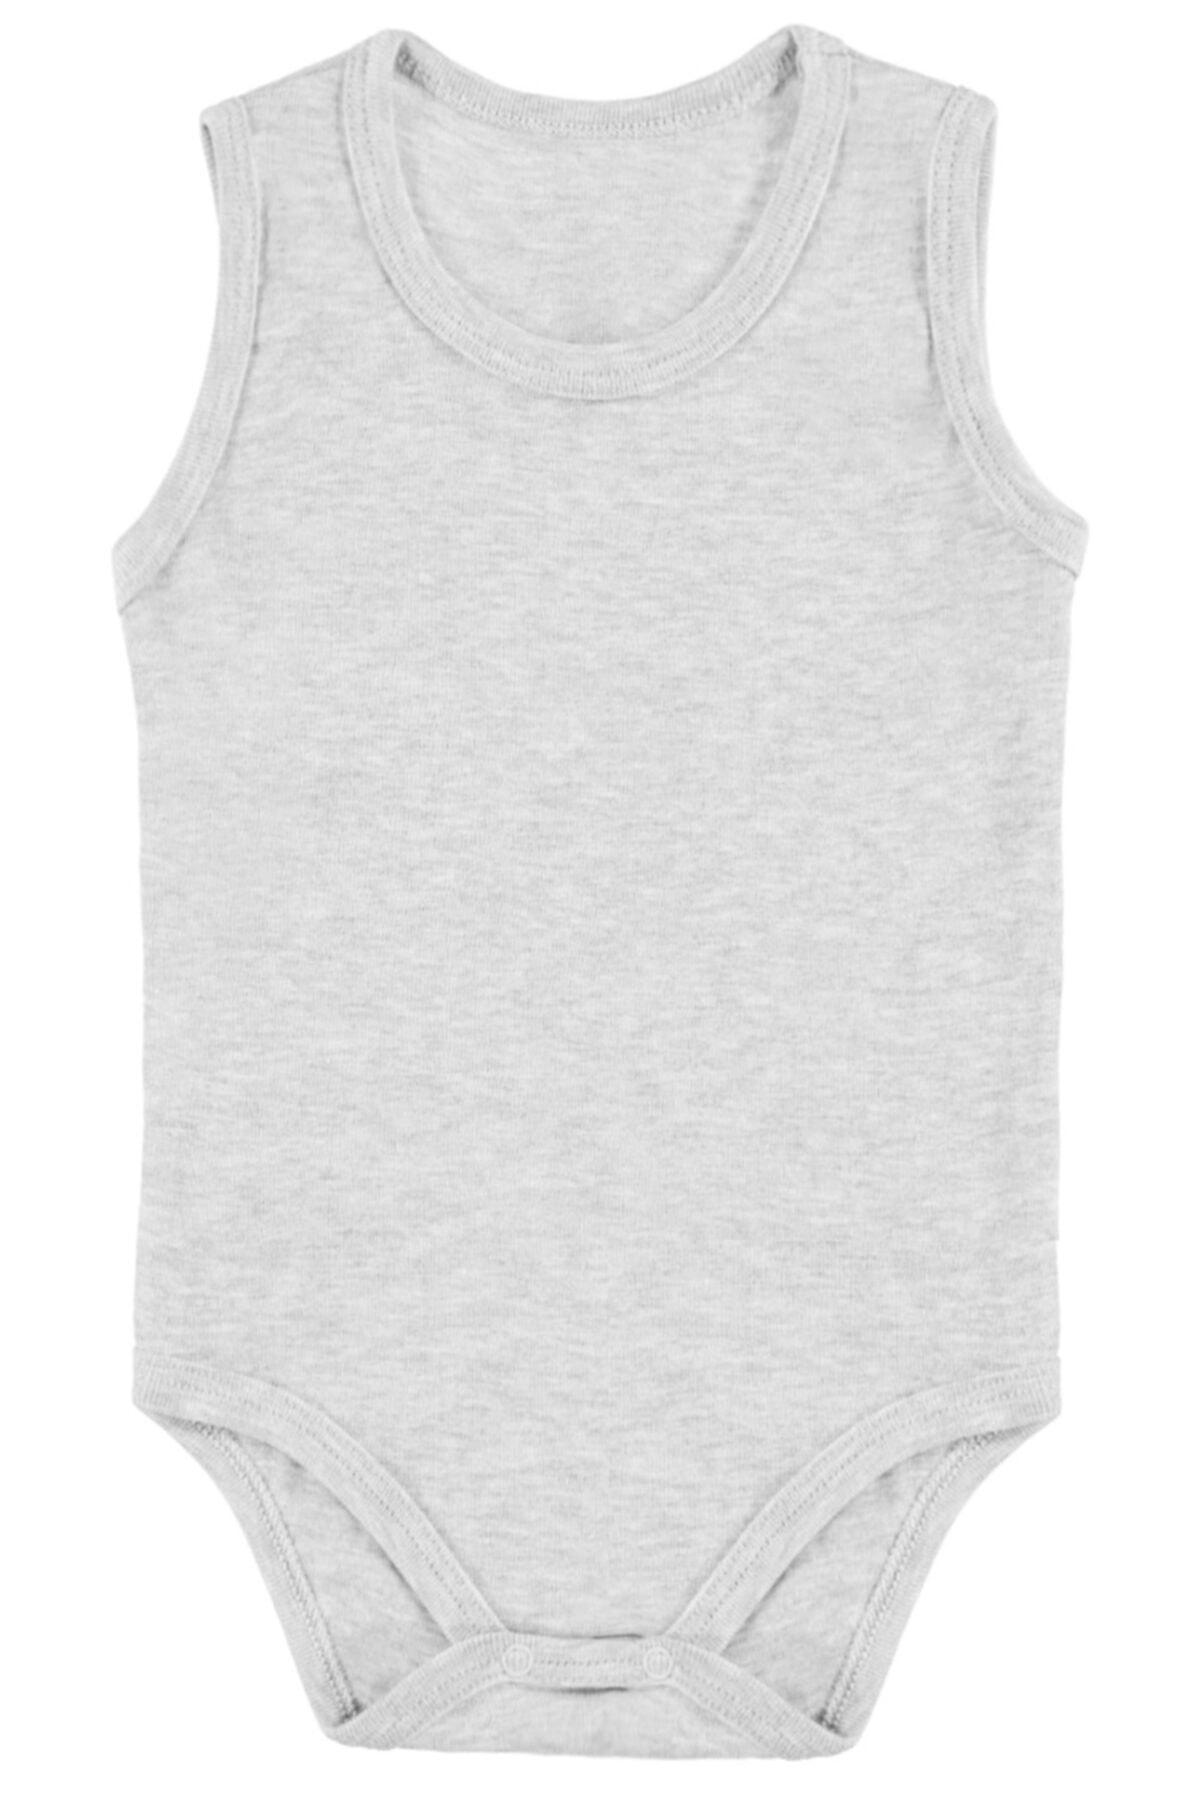 Lilax Kız-erkek Bebek Pamuklu Çıtçıtlı Kolsuz Body 2'li Set